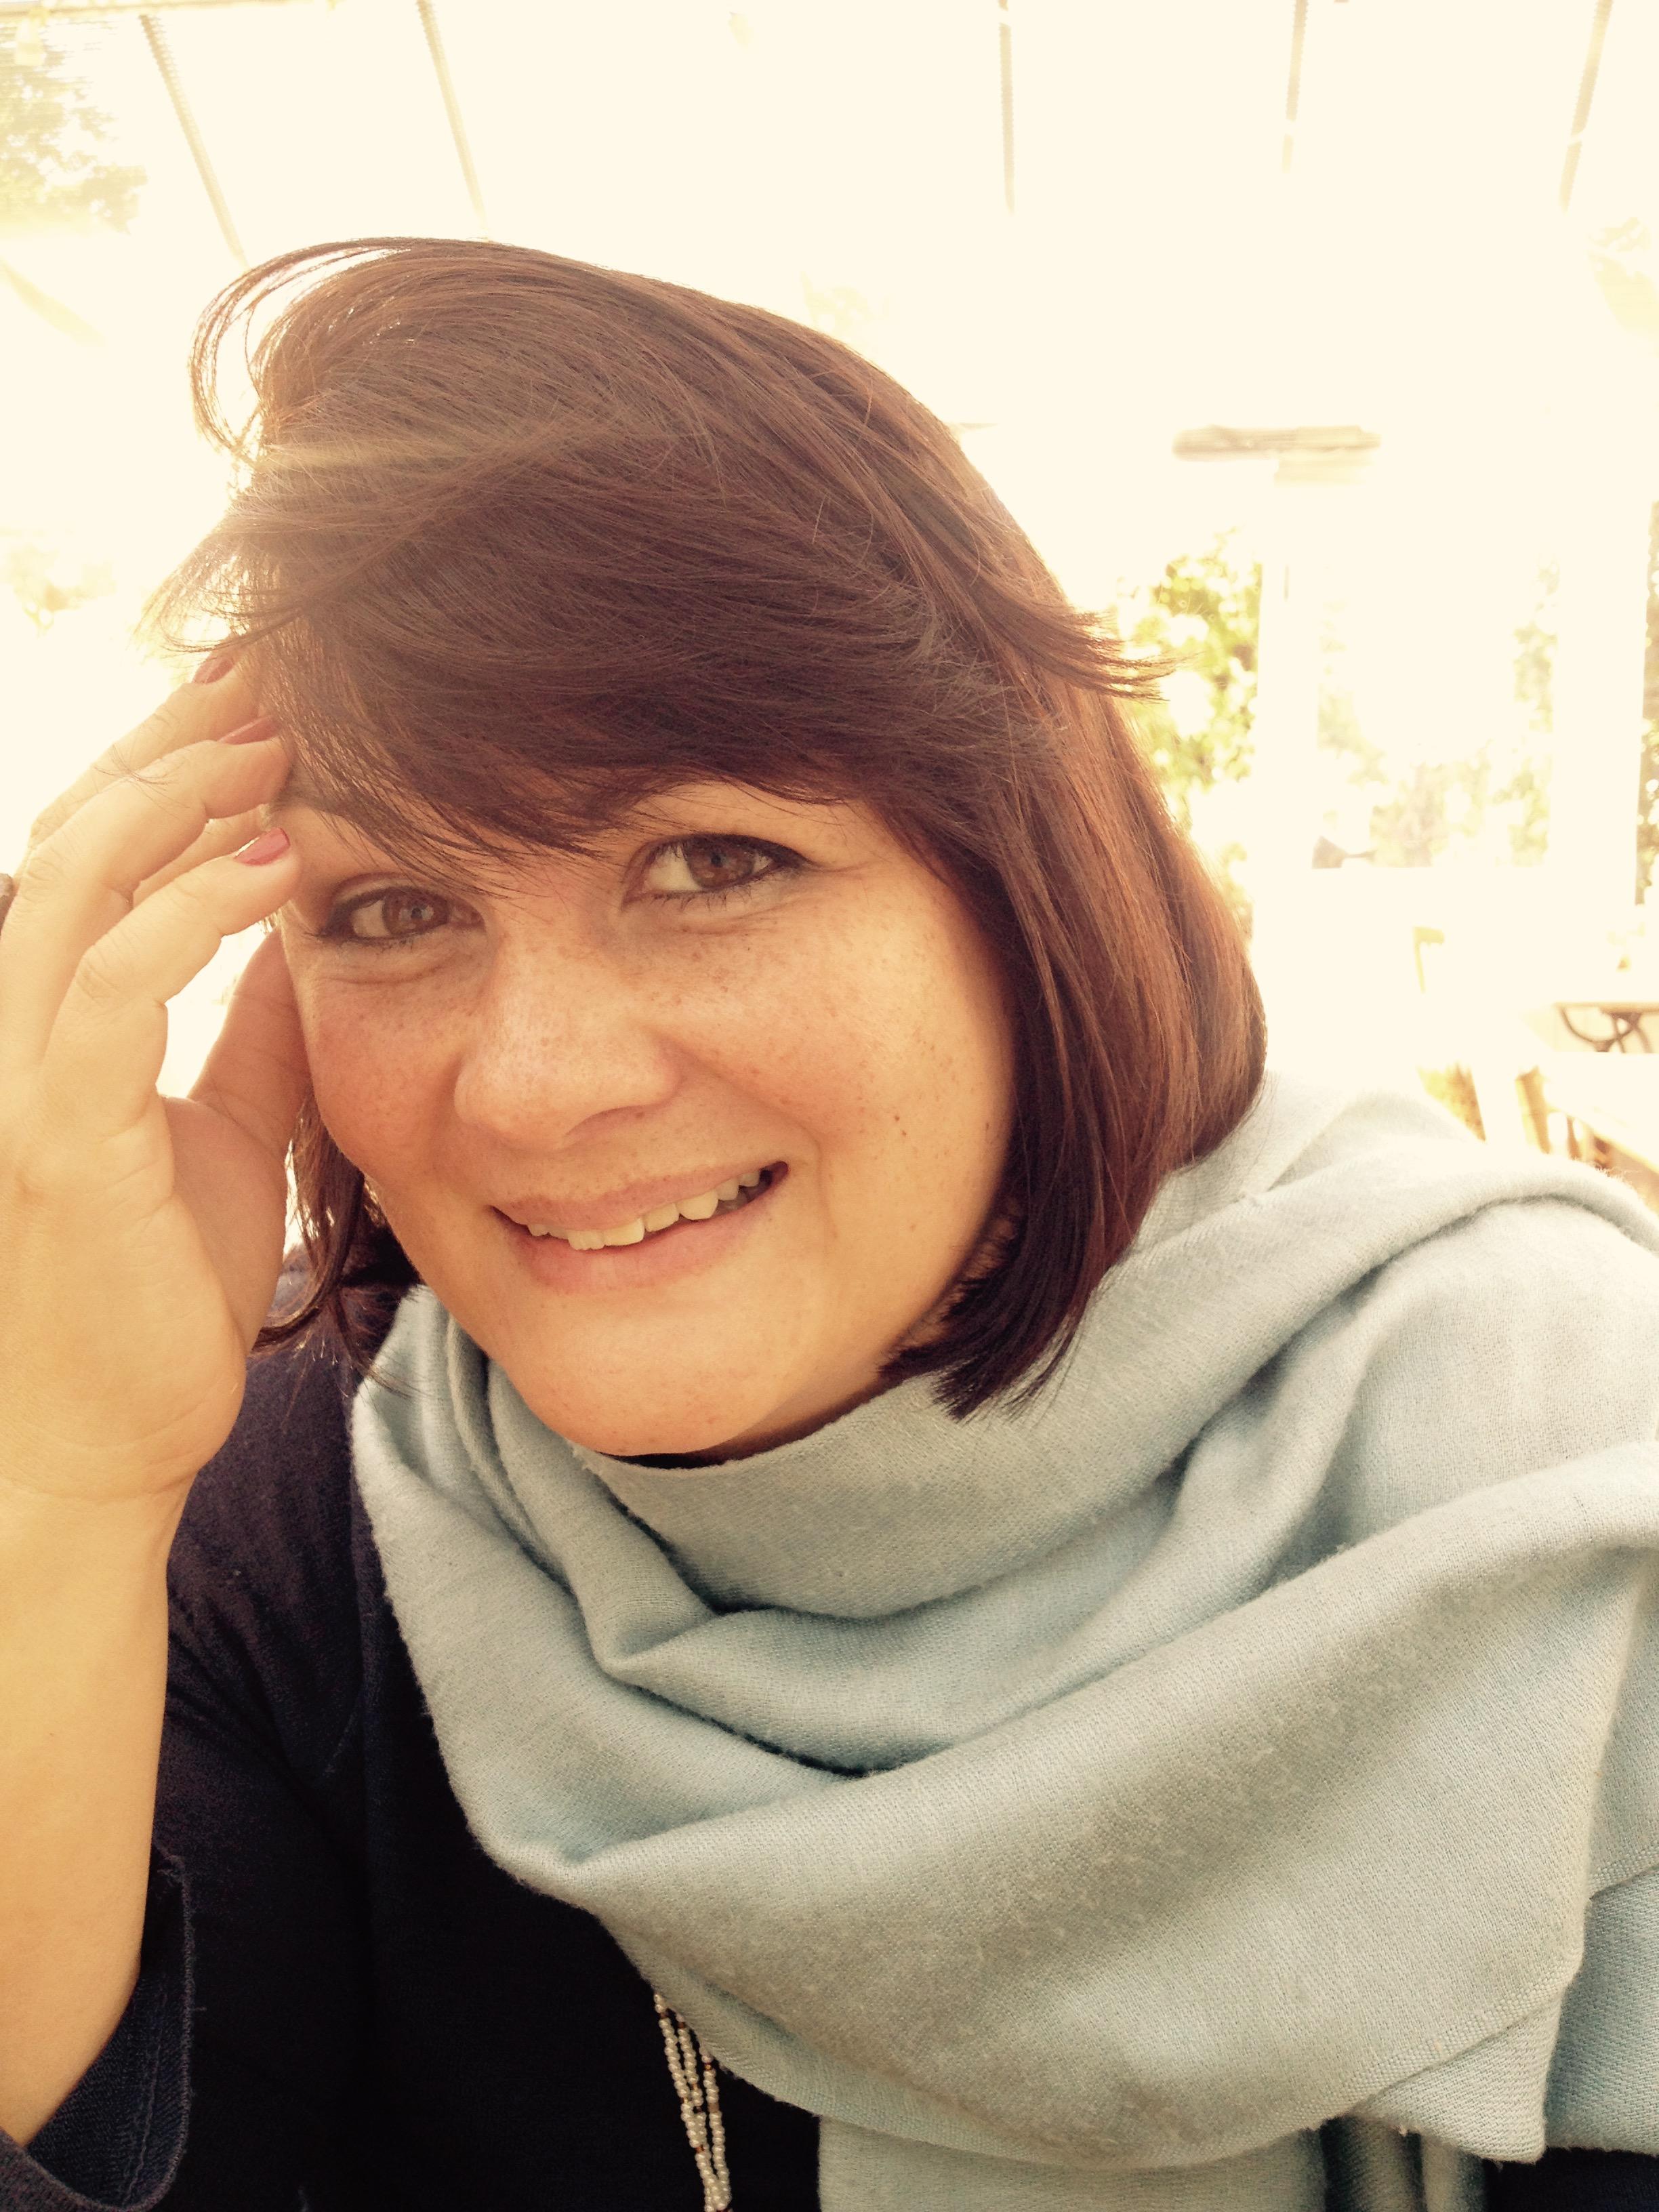 Veronica Chacon